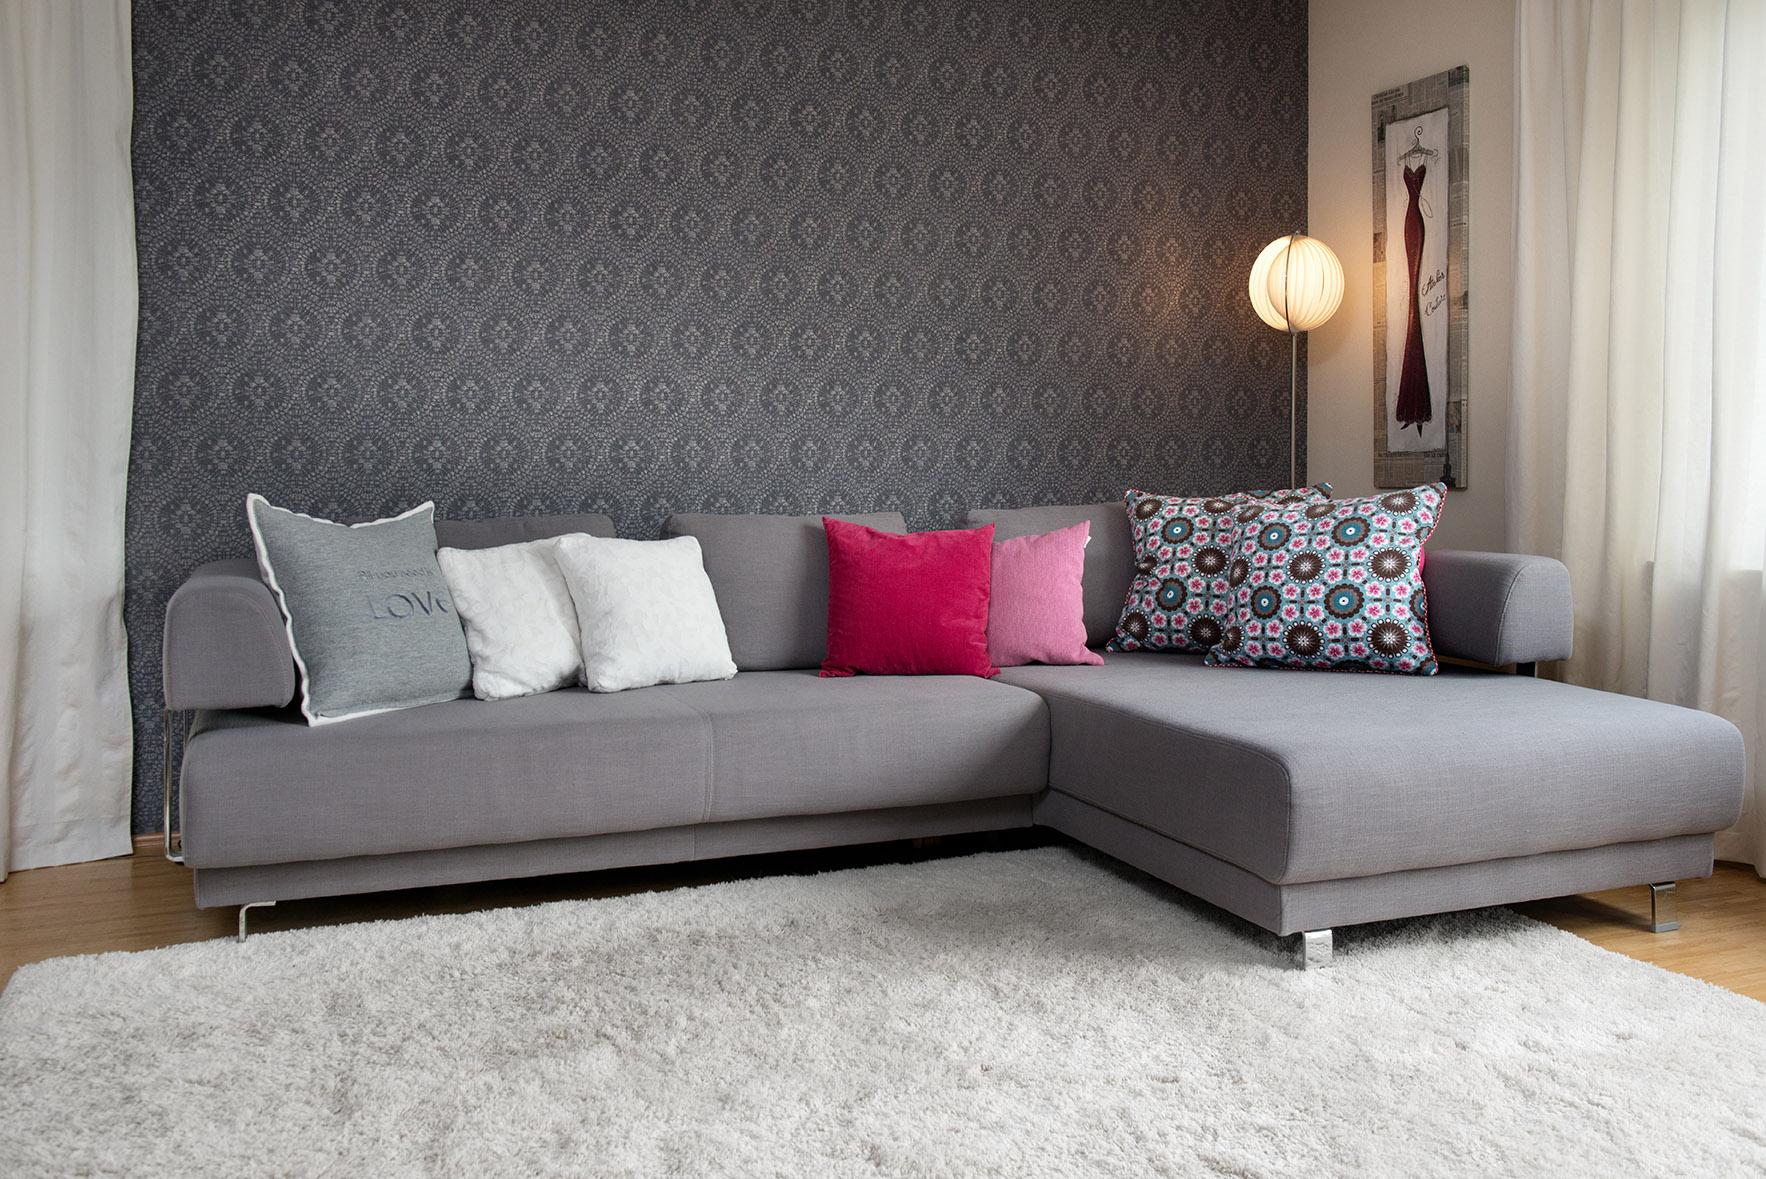 Kissen für einen stilvollen Wohnraum